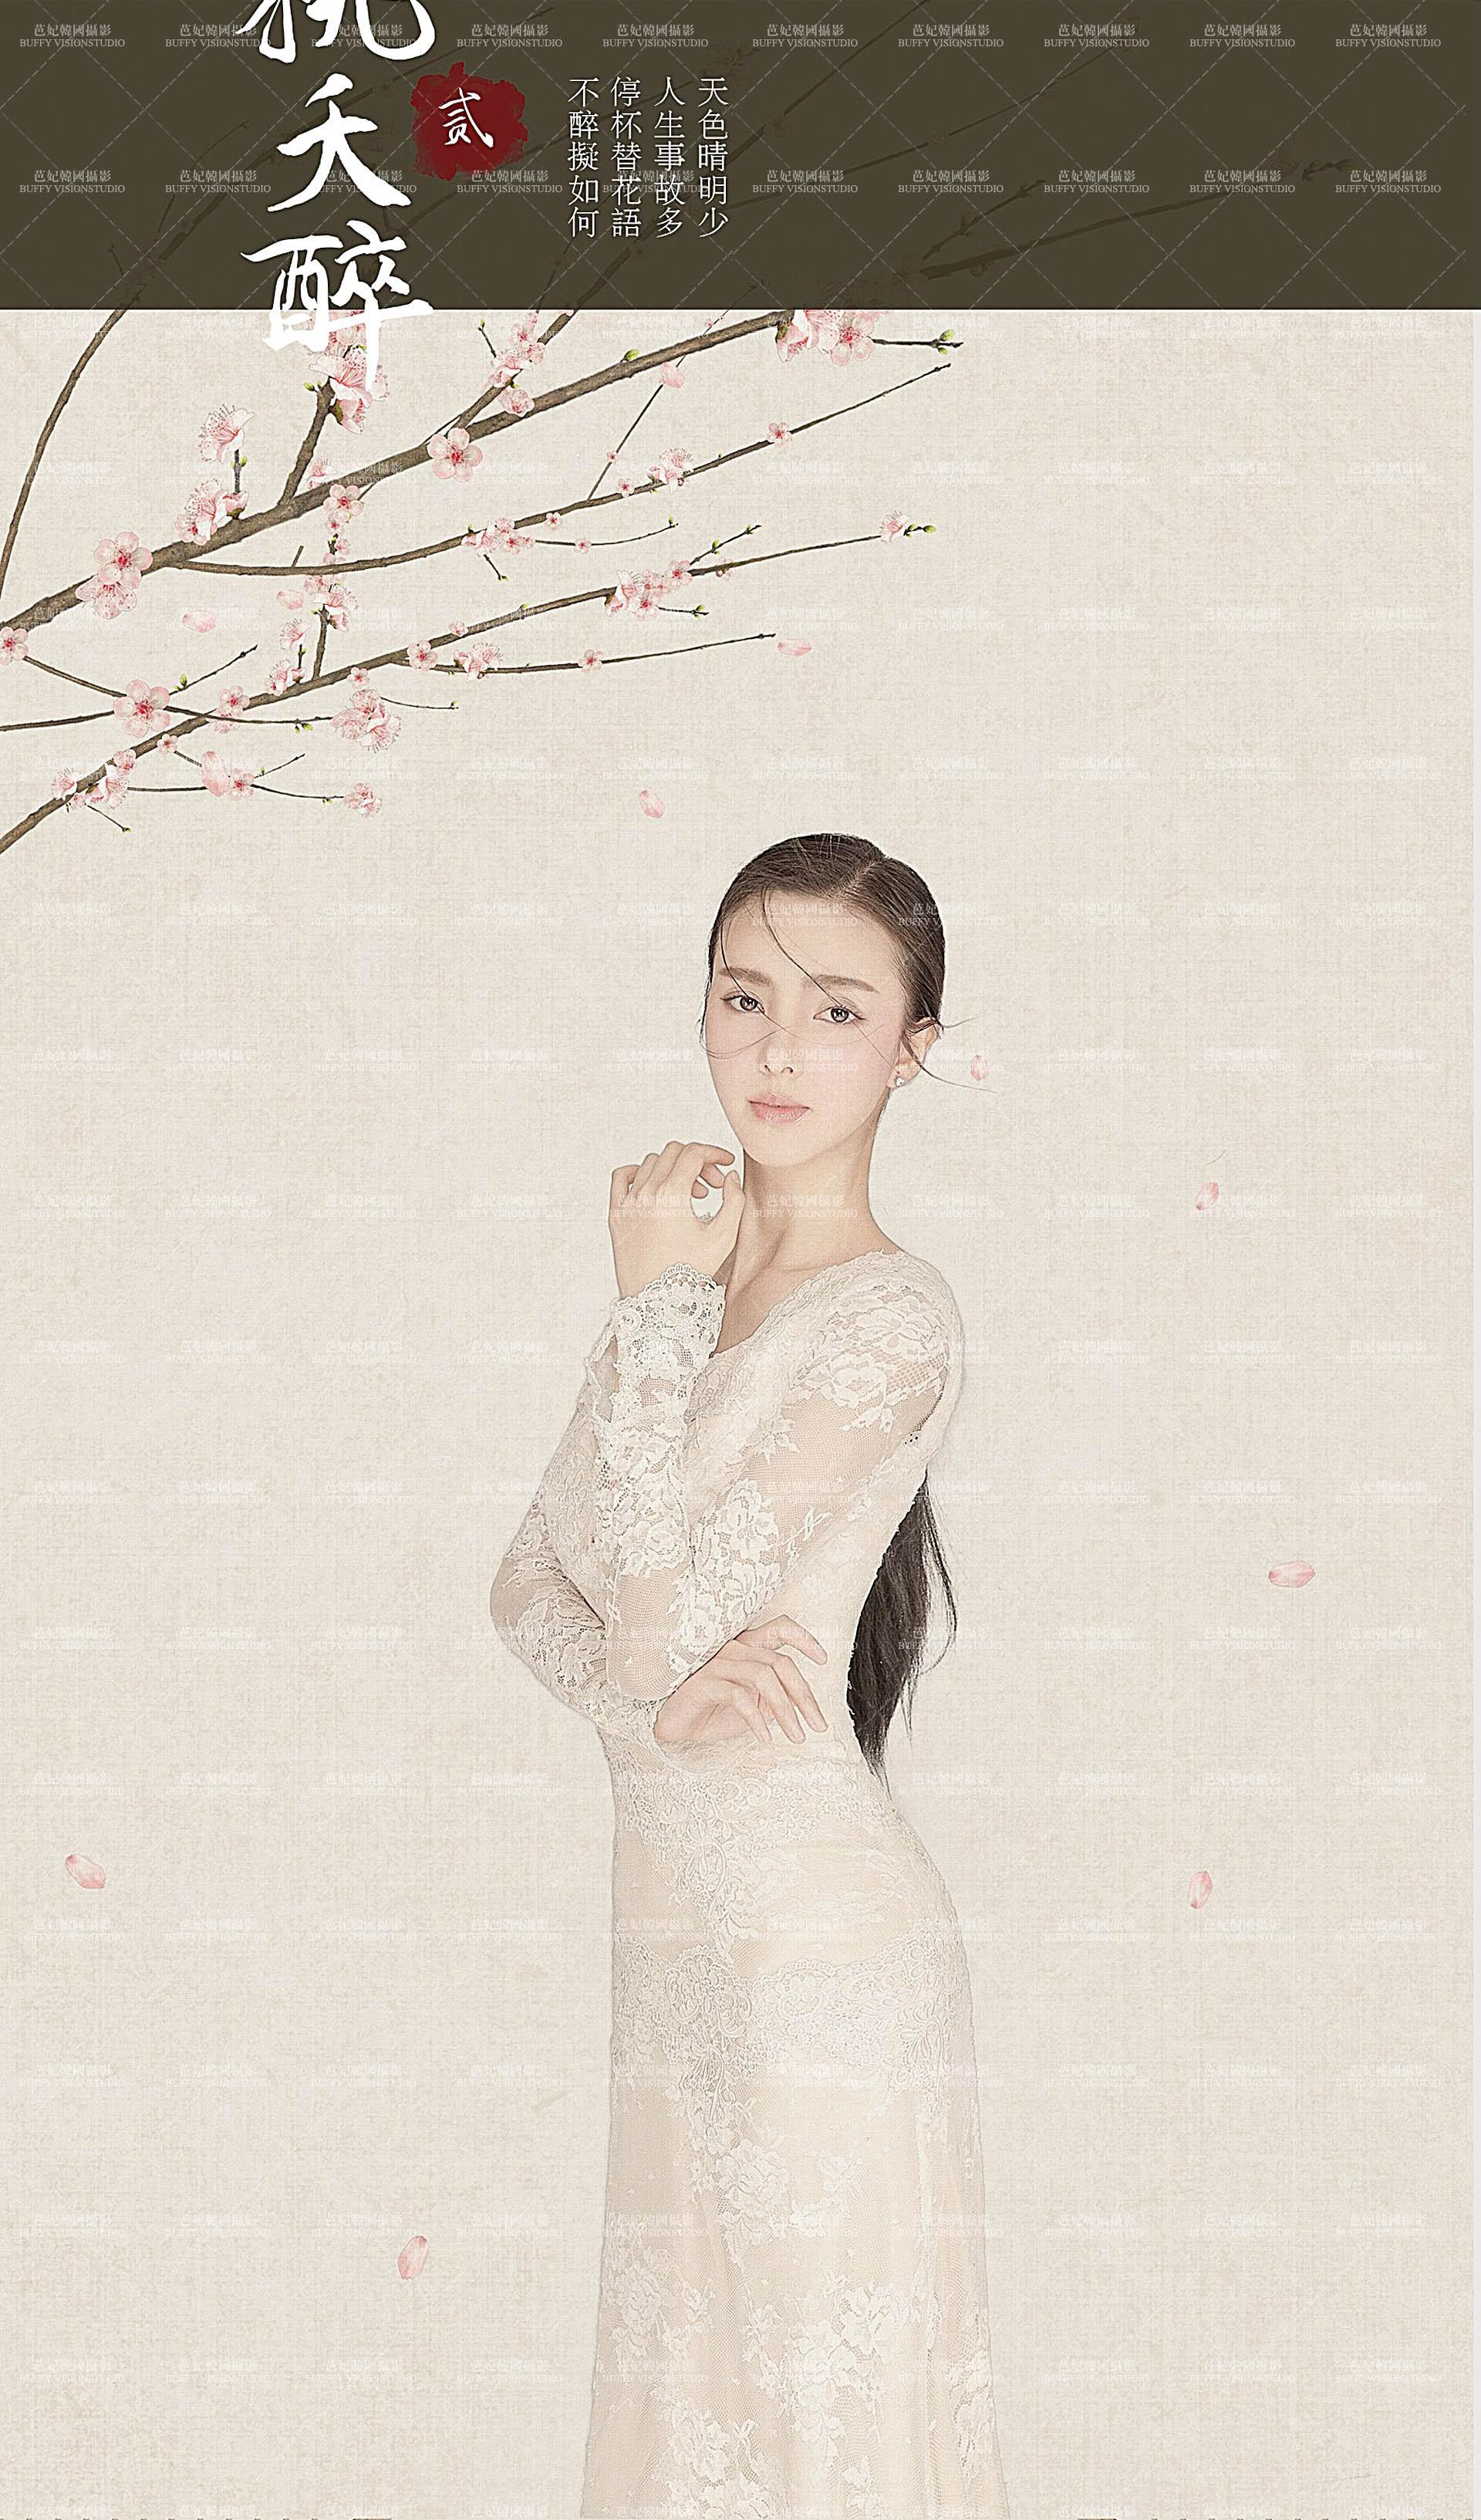 独一无二工笔画婚纱照——明星风格_最新活动_最新